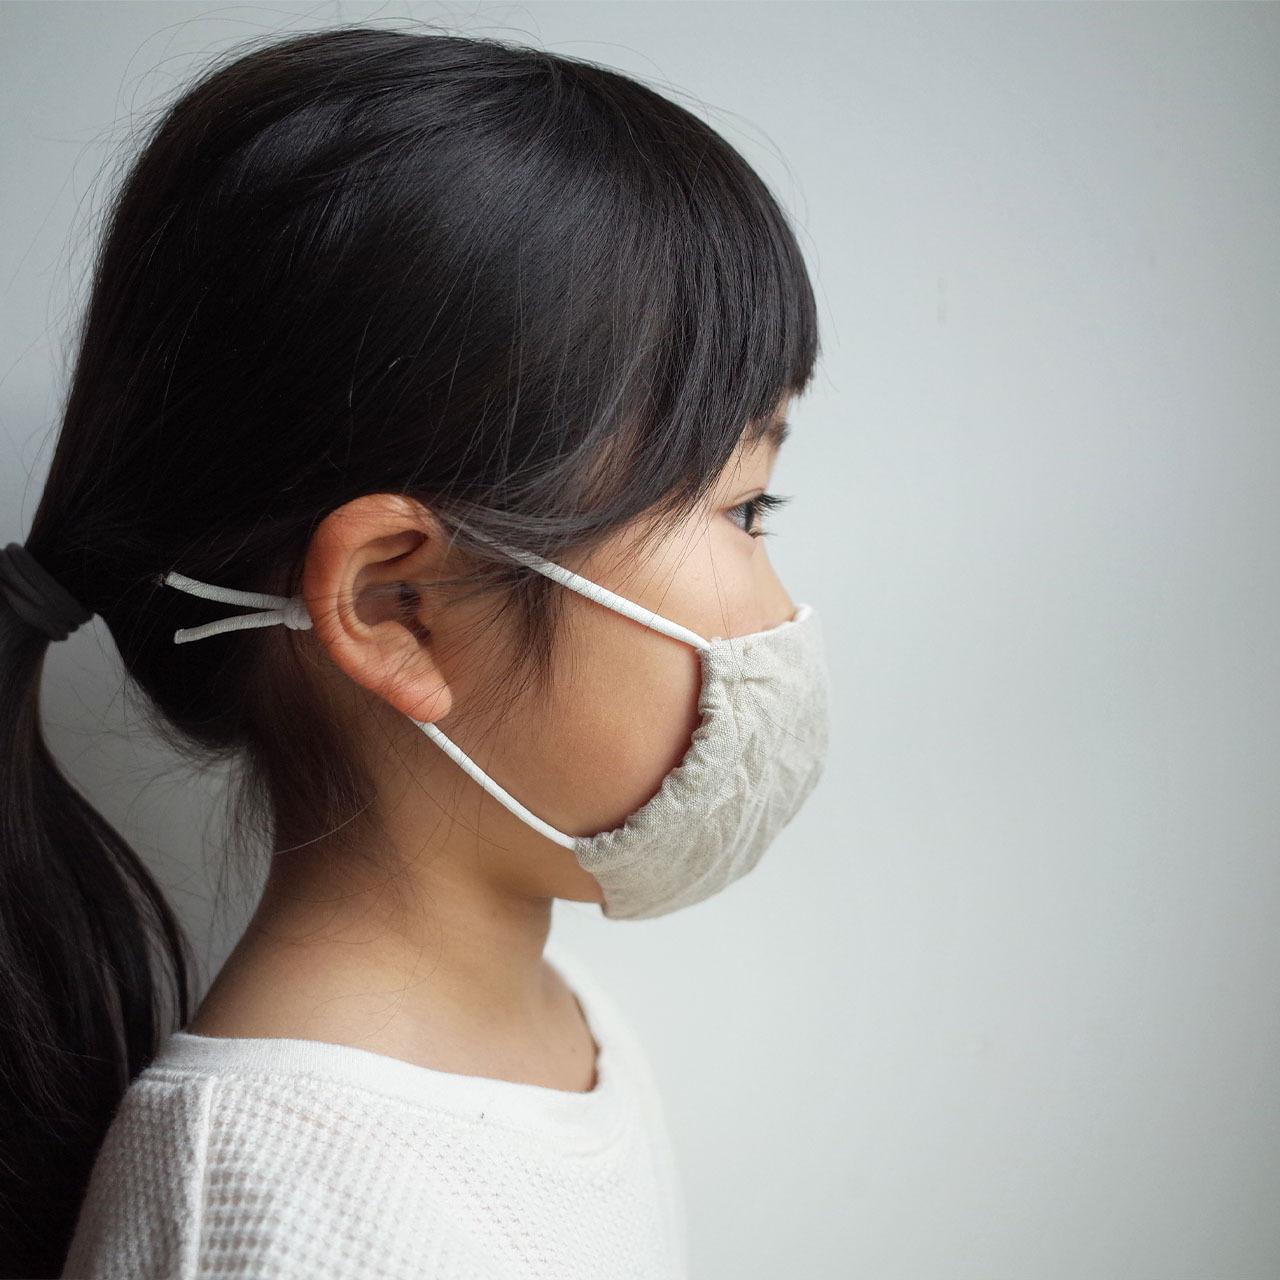 (子供用 Sサイズ)洗える刺繍生地のマスク kids   mask4